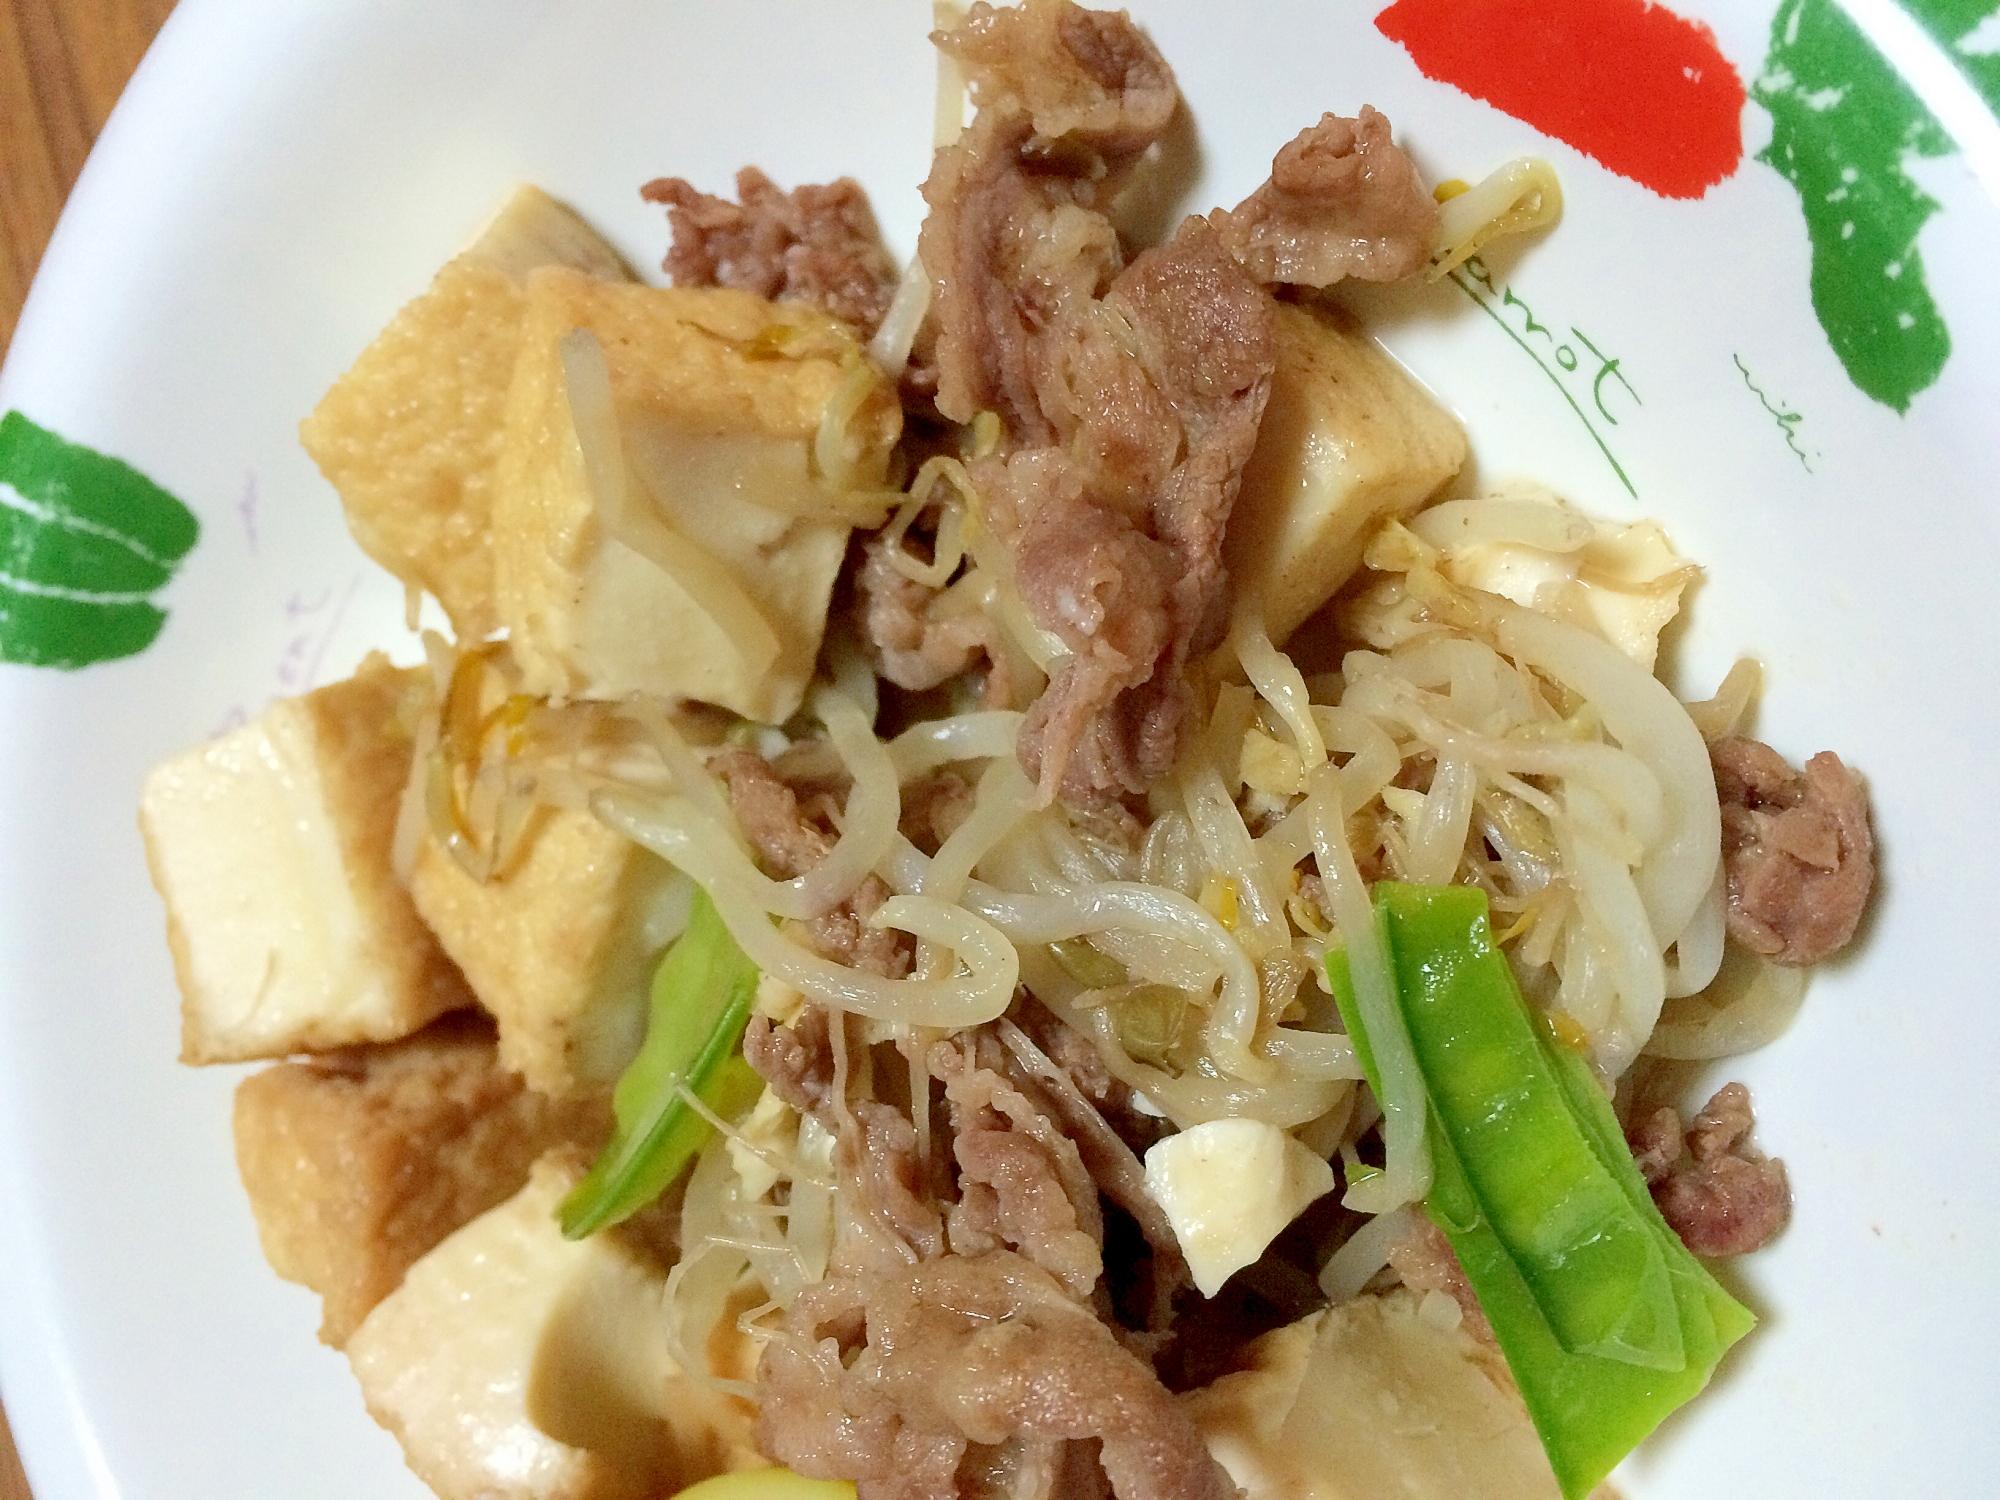 もちもち絹豆腐と牛肉のすき焼き風